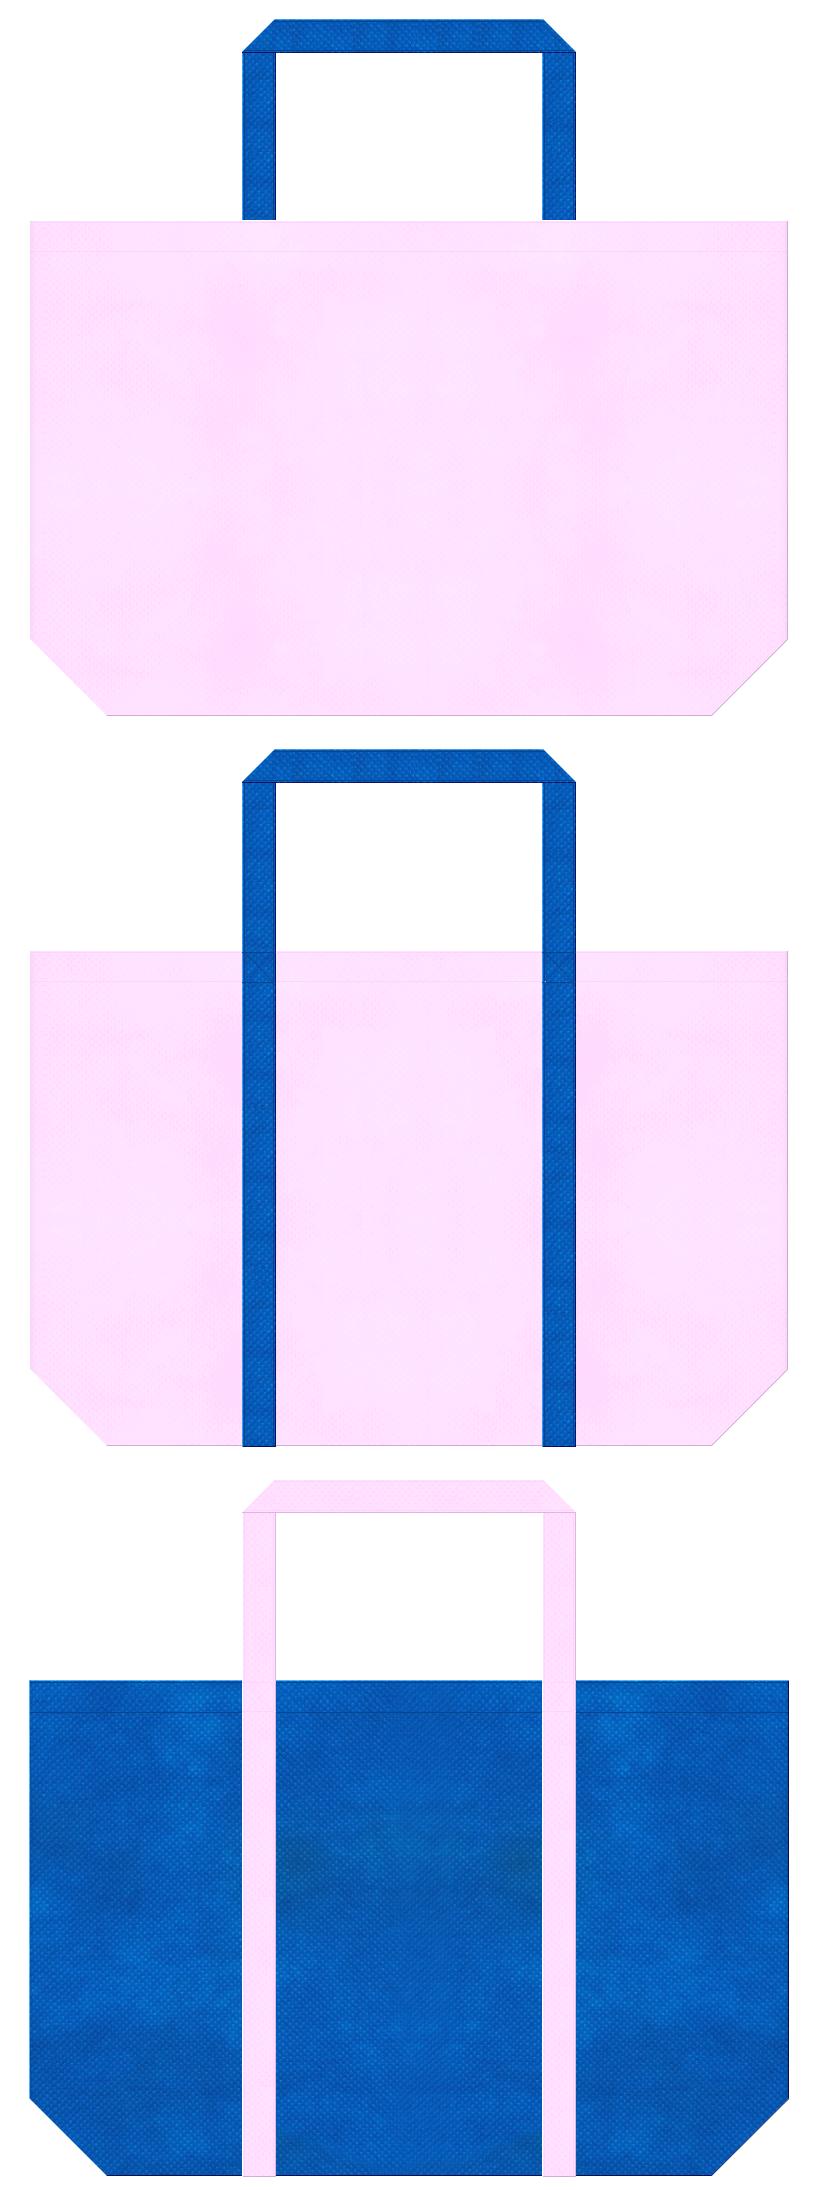 不織布バッグのデザイン:不織布カラーNo.37ライトパープルとNo.22スカイブルーの組み合わせ